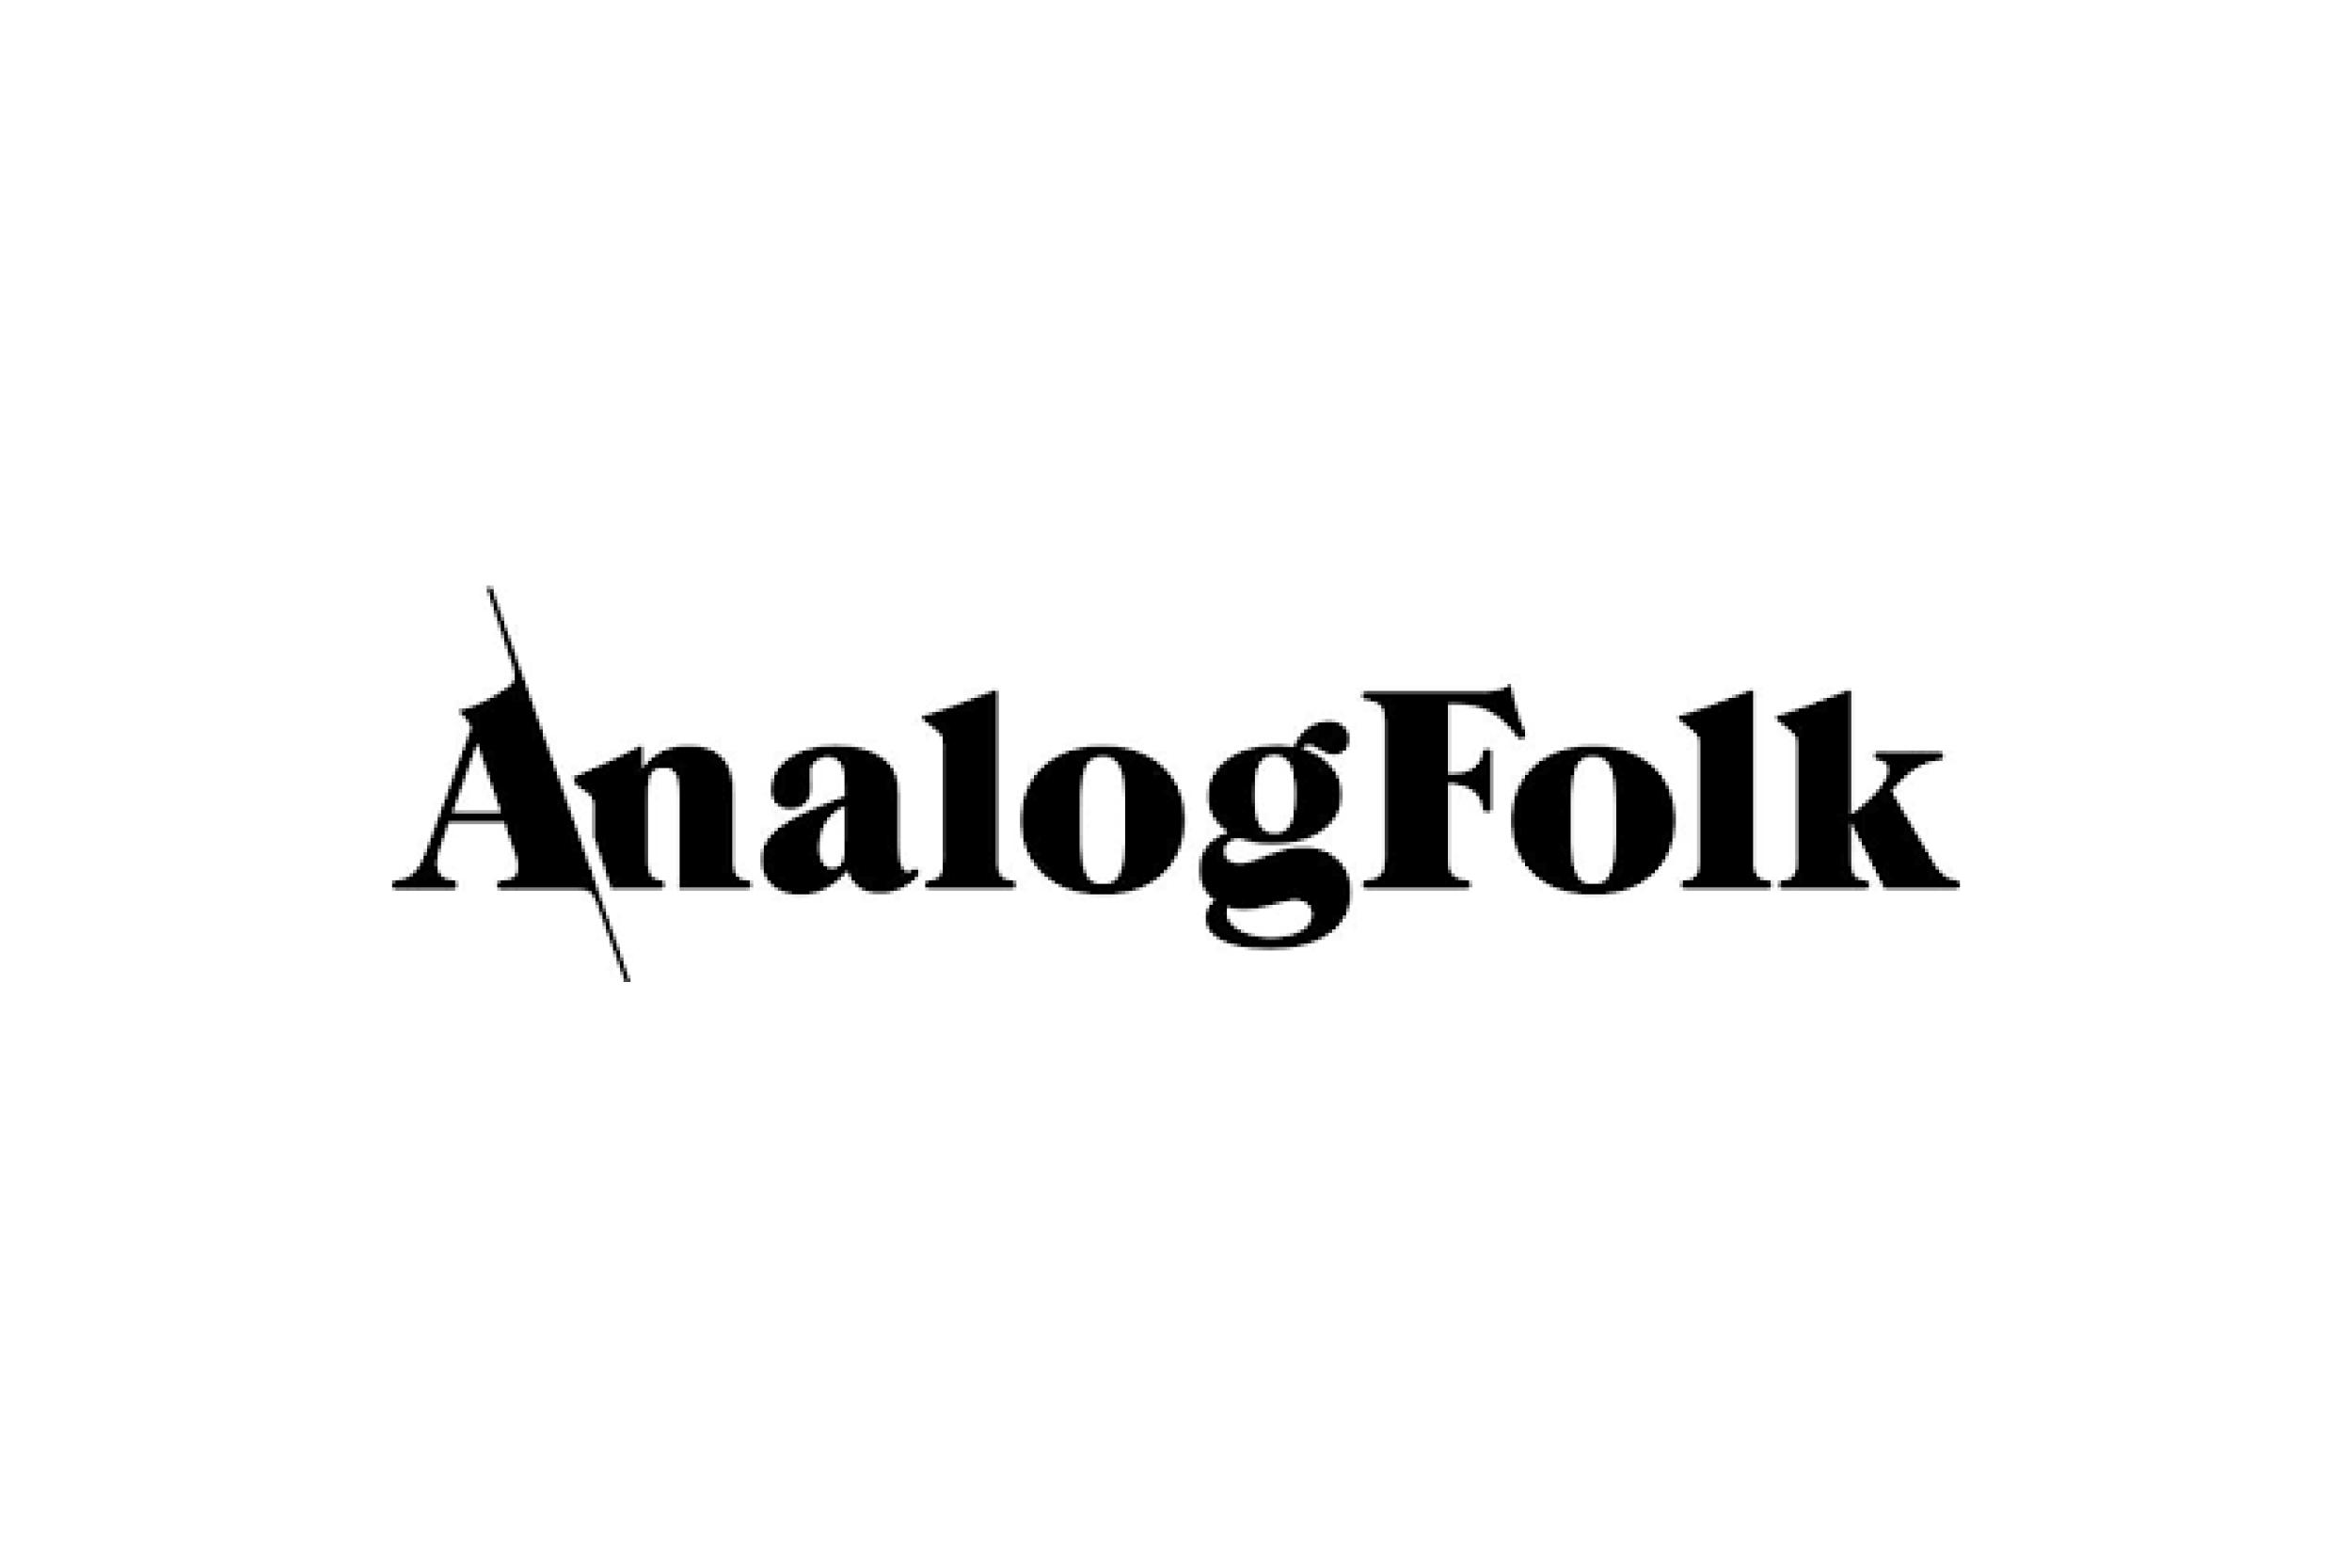 AnalogFolk